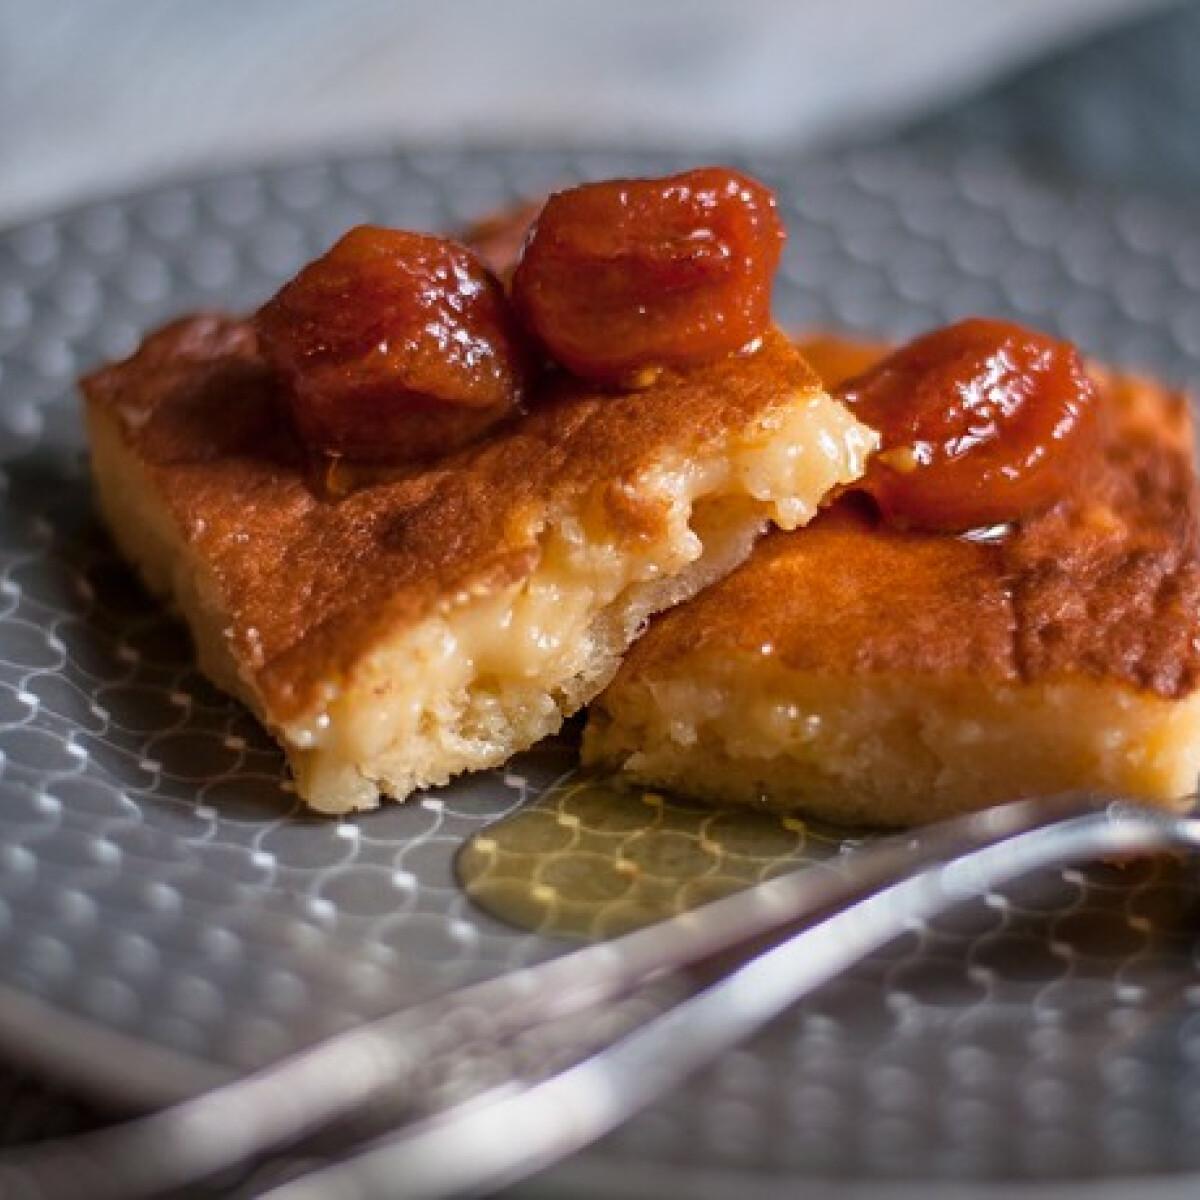 Ezen a képen: Pecorinós süti kandírozott koktélparadicsommal